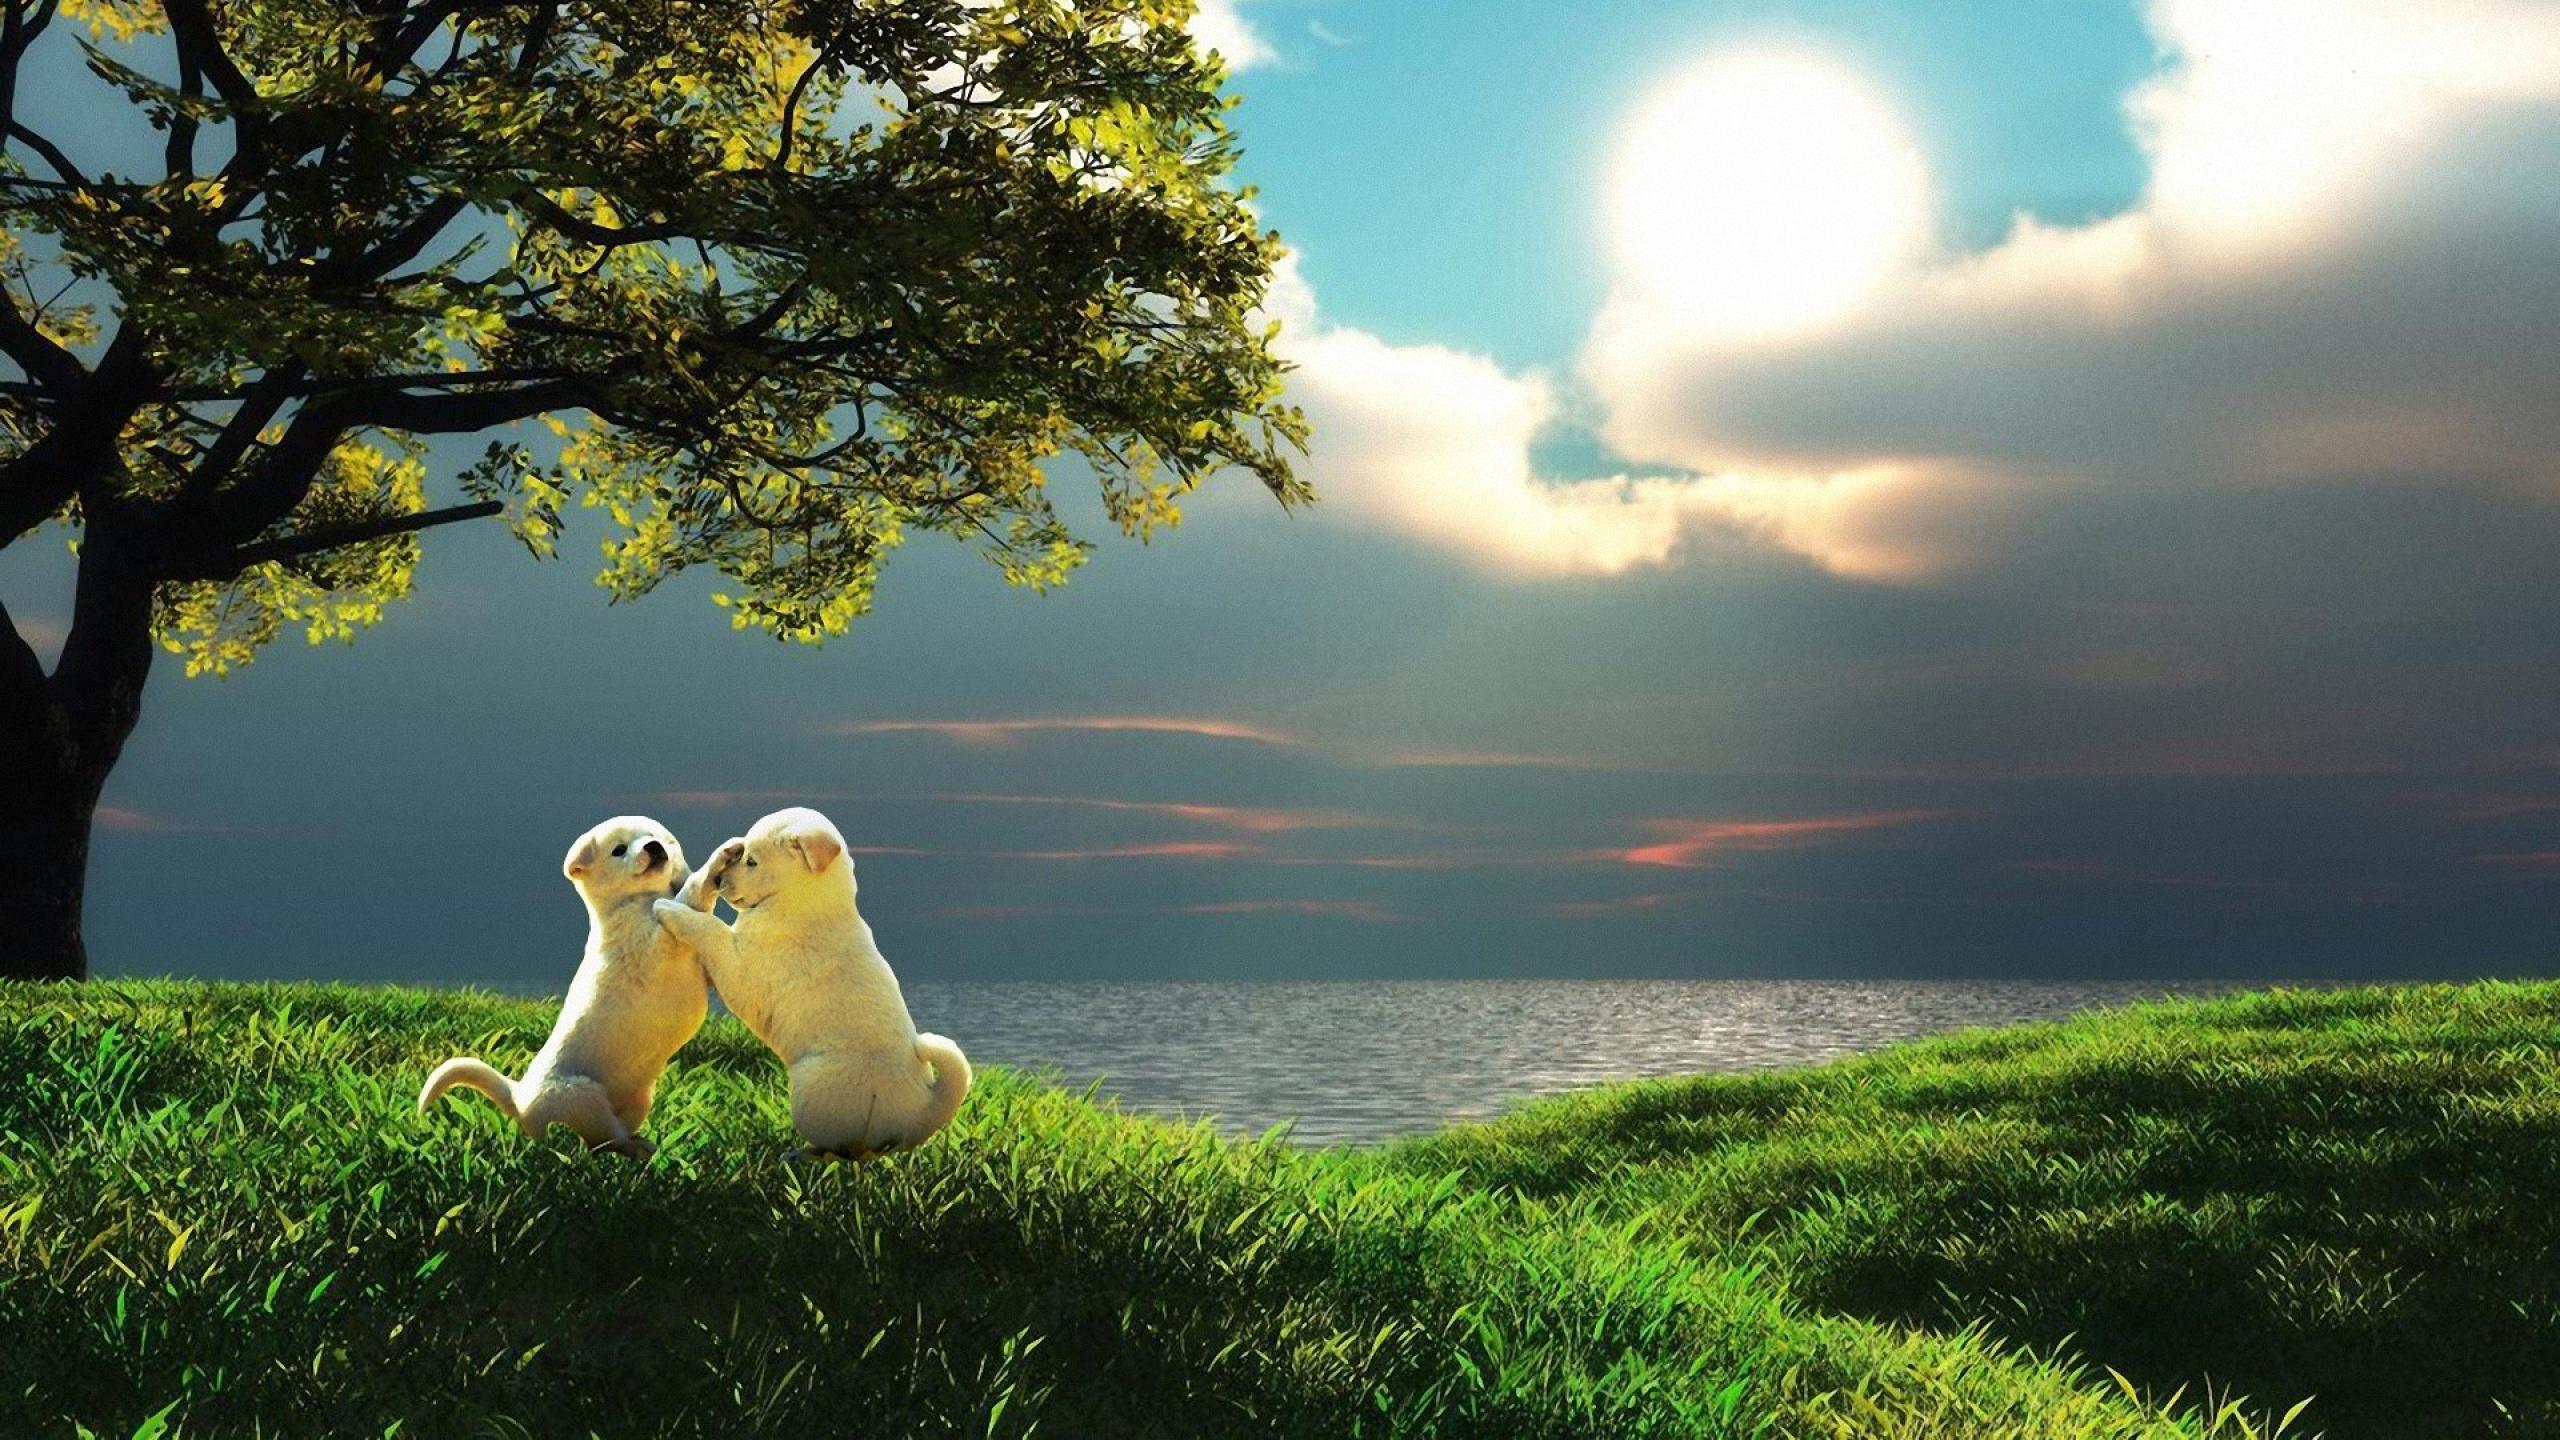 Hình nền thiên nhiên đẹp nhất cho Macbook